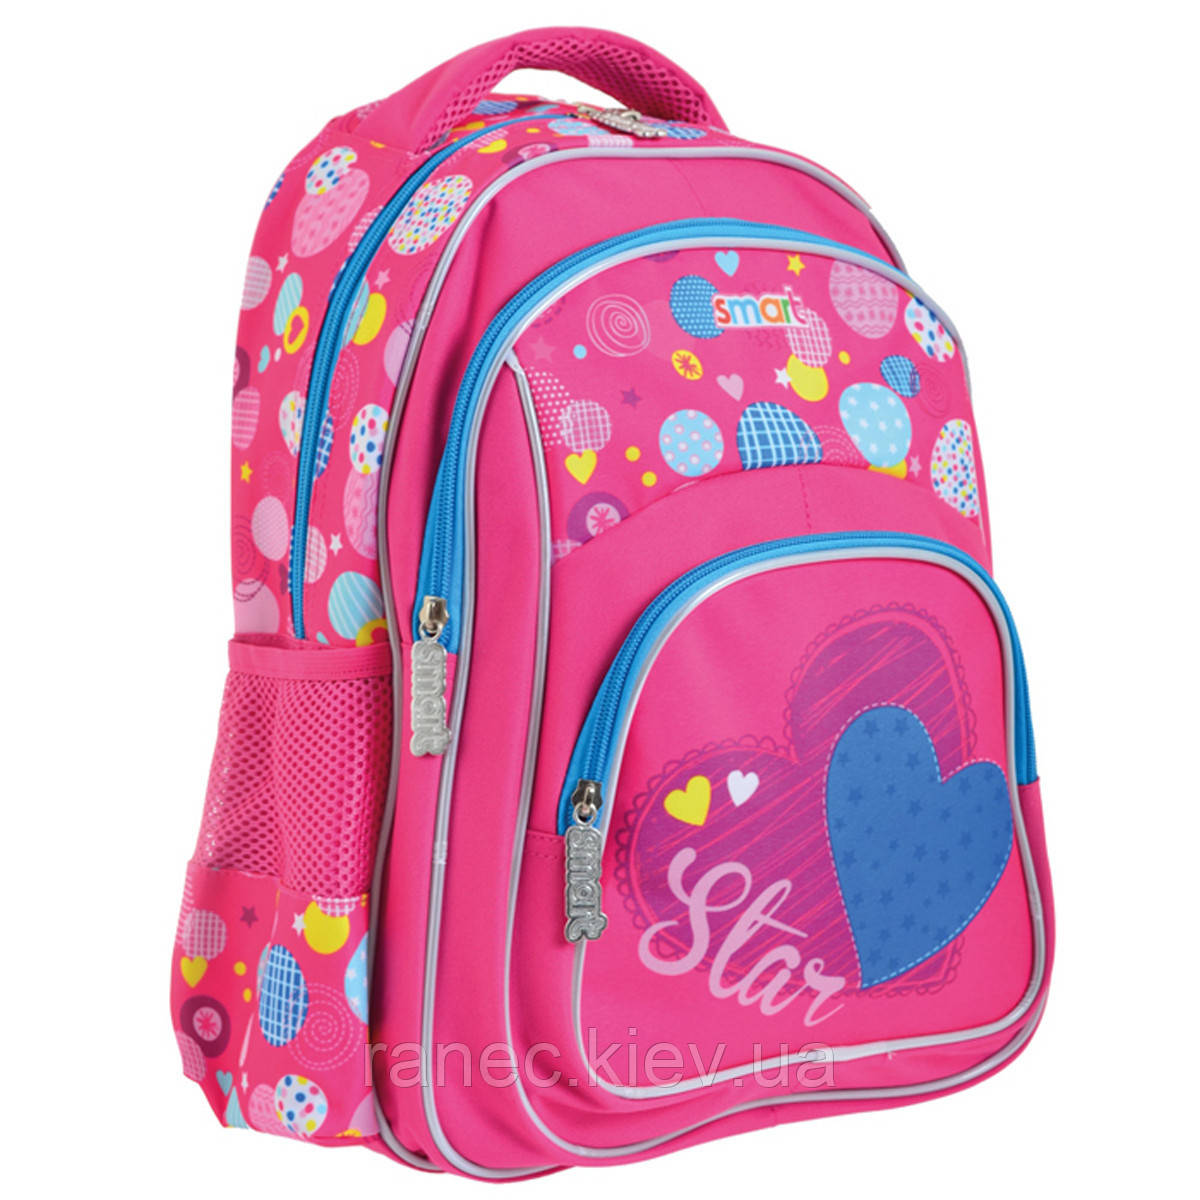 Рюкзак школьный ZZ-01 Сolourful spots 556807 Smart